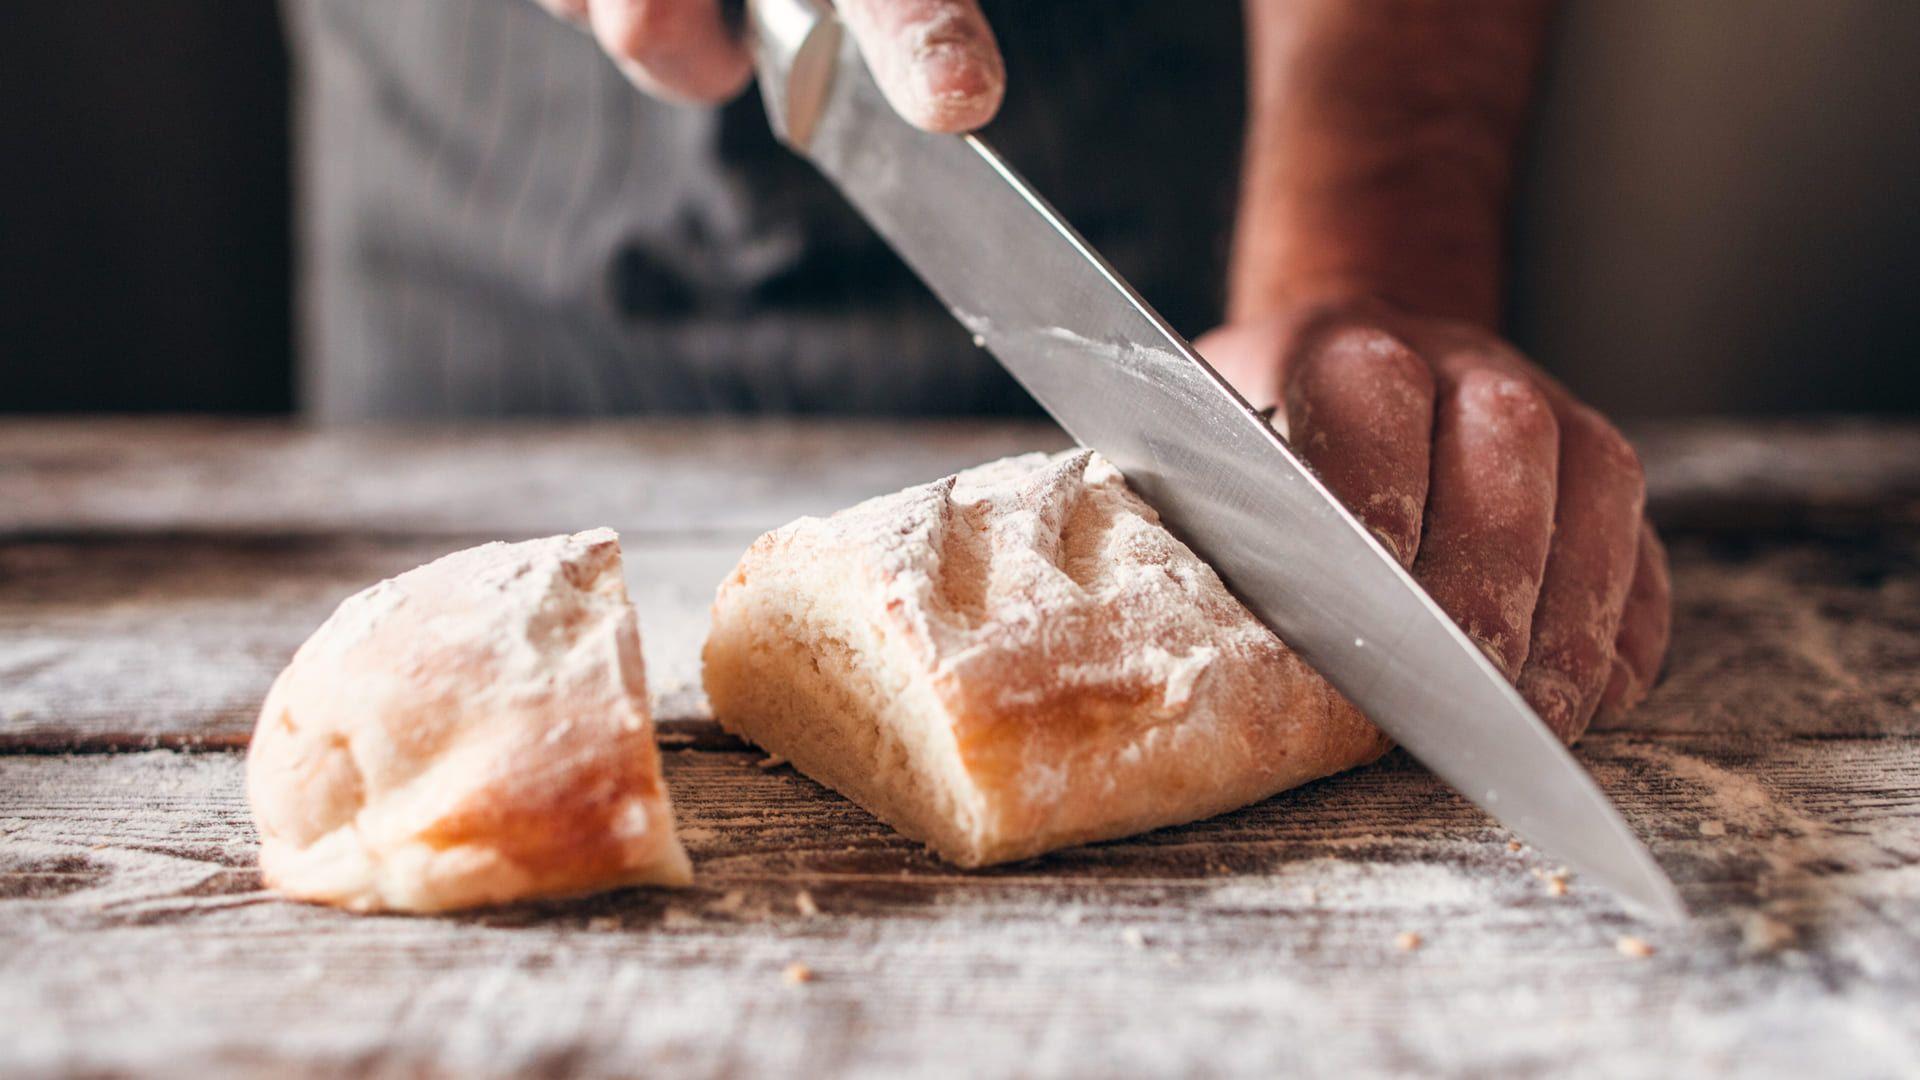 Depois é só saborear essa receita de pão caseiro de liquidificador! 😋 (Foto: Shutterstock)